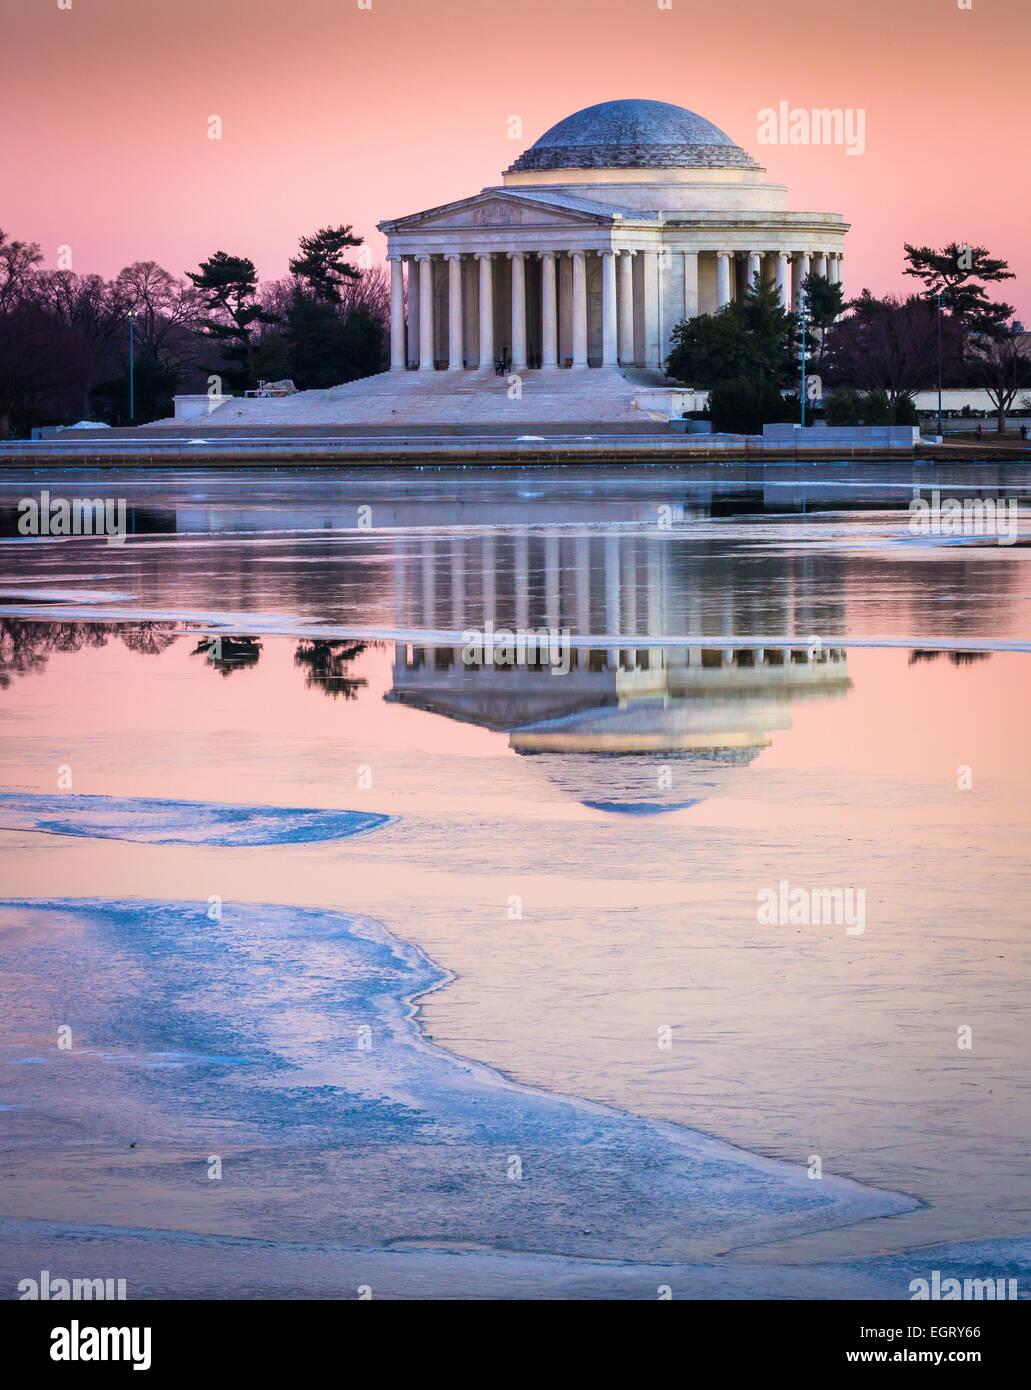 Le Thomas Jefferson Memorial à Washington, D.C. est dédié à Thomas Jefferson, le troisième président des États-Unis. Banque D'Images